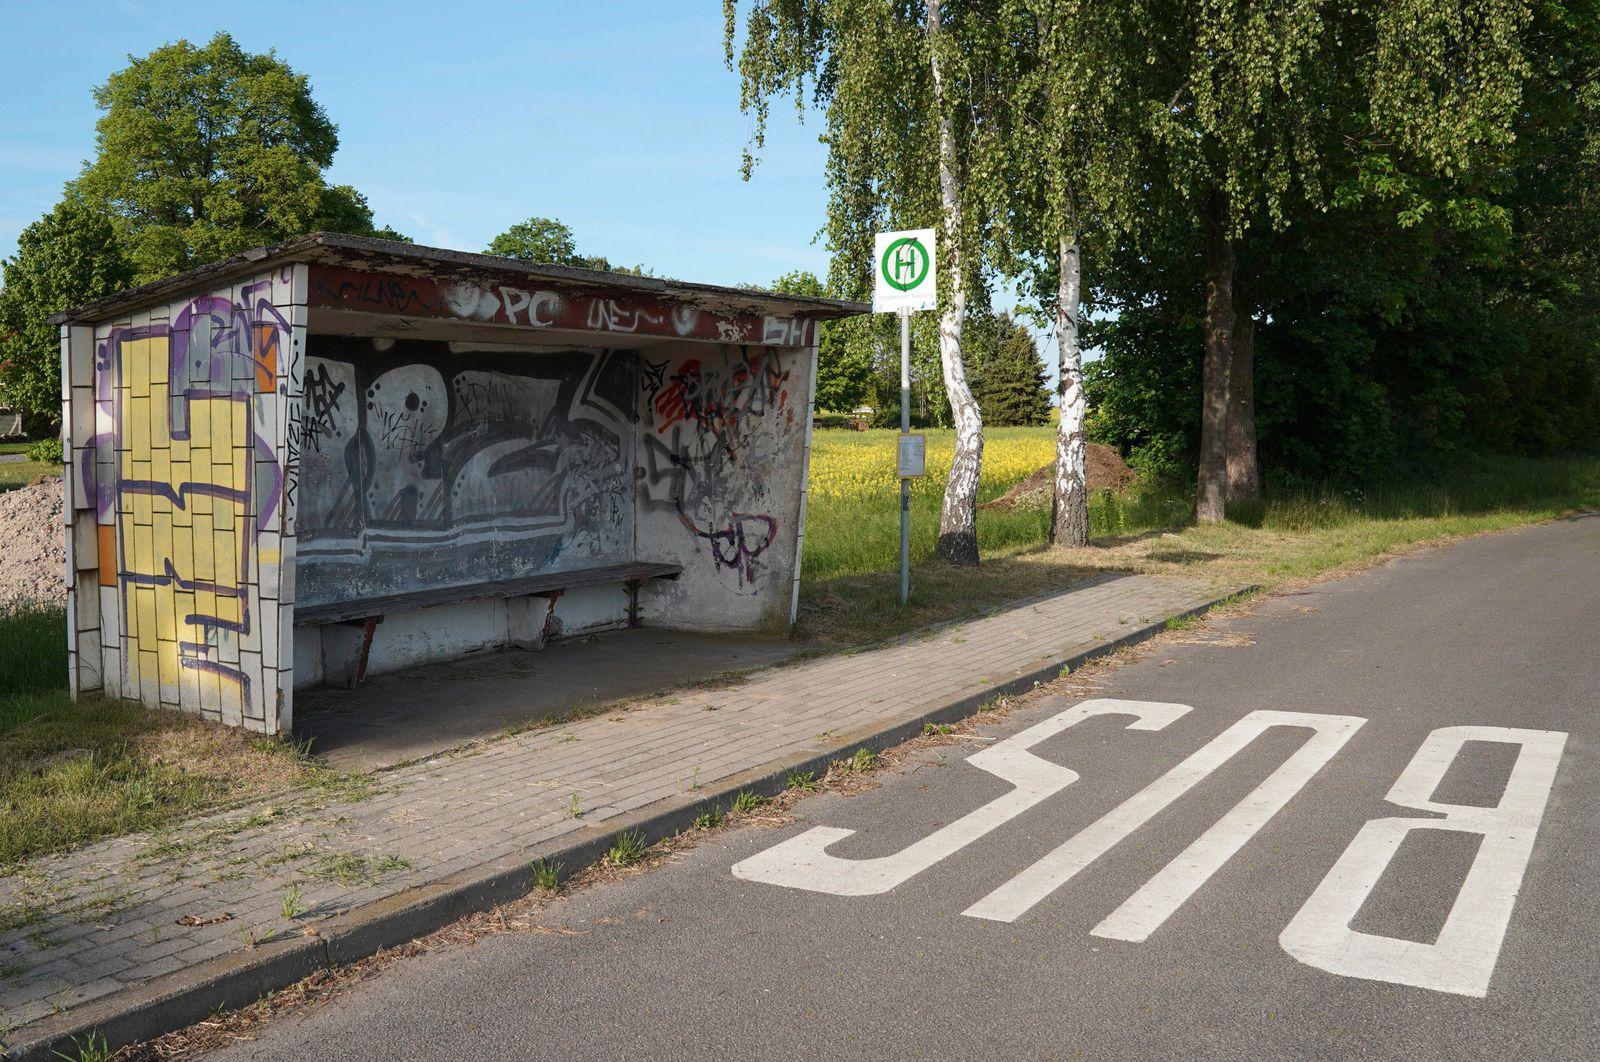 Uckermark GER, Deutschland, 20200522,Uckermark, Bushaltestelle Wilhelmshof Siedlung *** Uckermark GER, Germany, 20200522